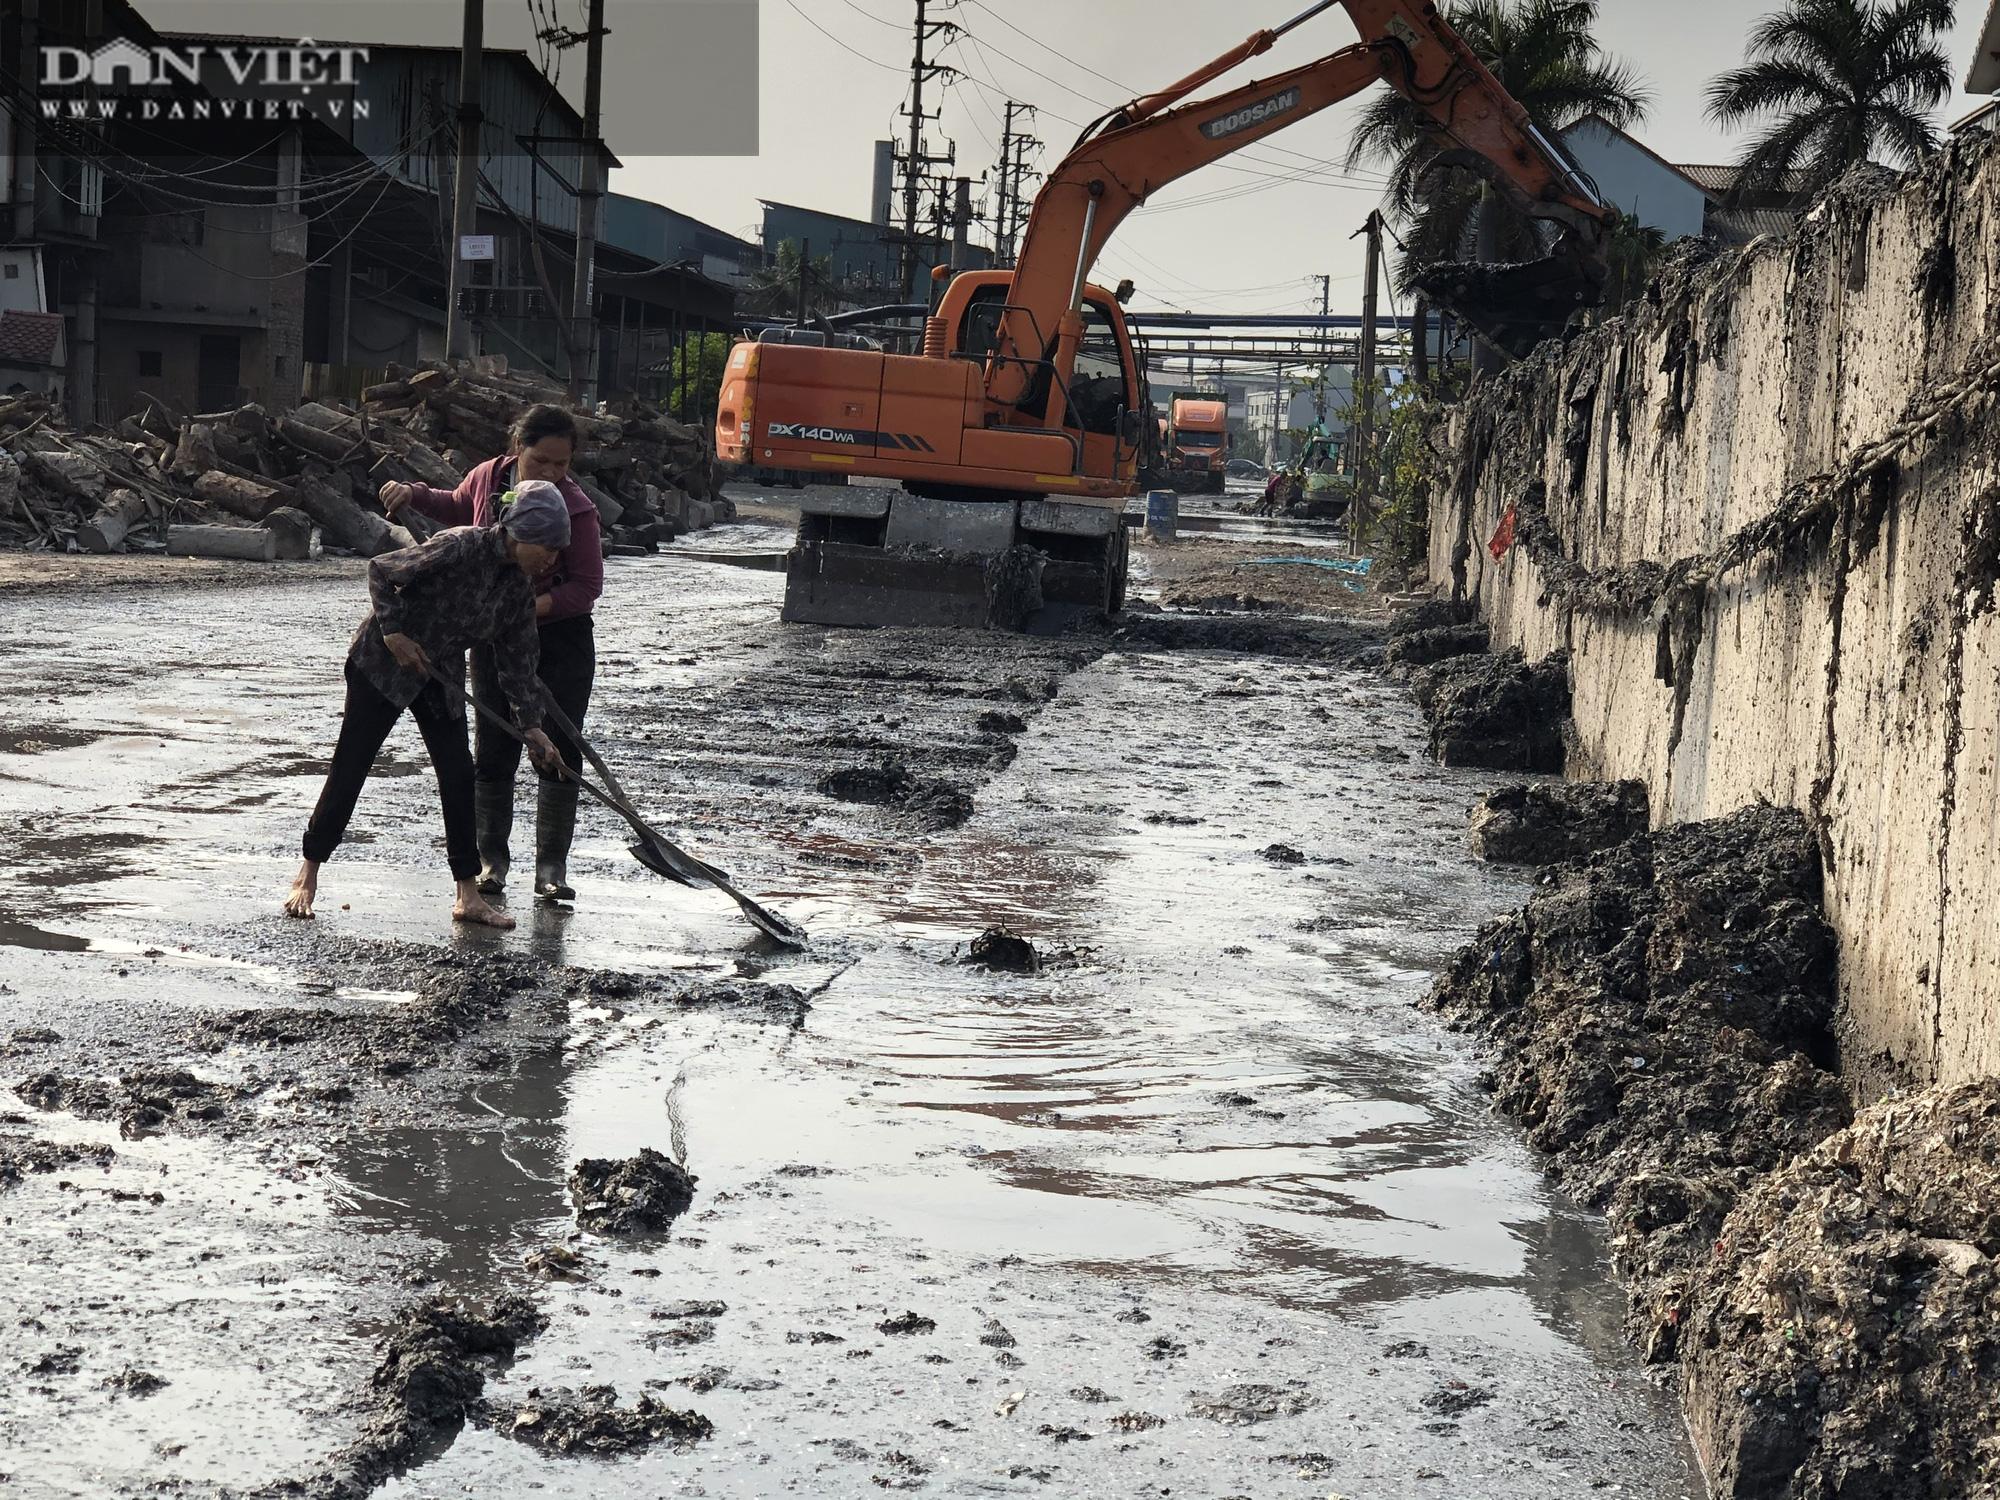 Cận cảnh: Doanh nghiệp cụm công nghiệp giấy Phú Lâm, Bắc Ninh xả nước bùn đen trái phép, gây ngập ngụa đường giao thông - Ảnh 1.